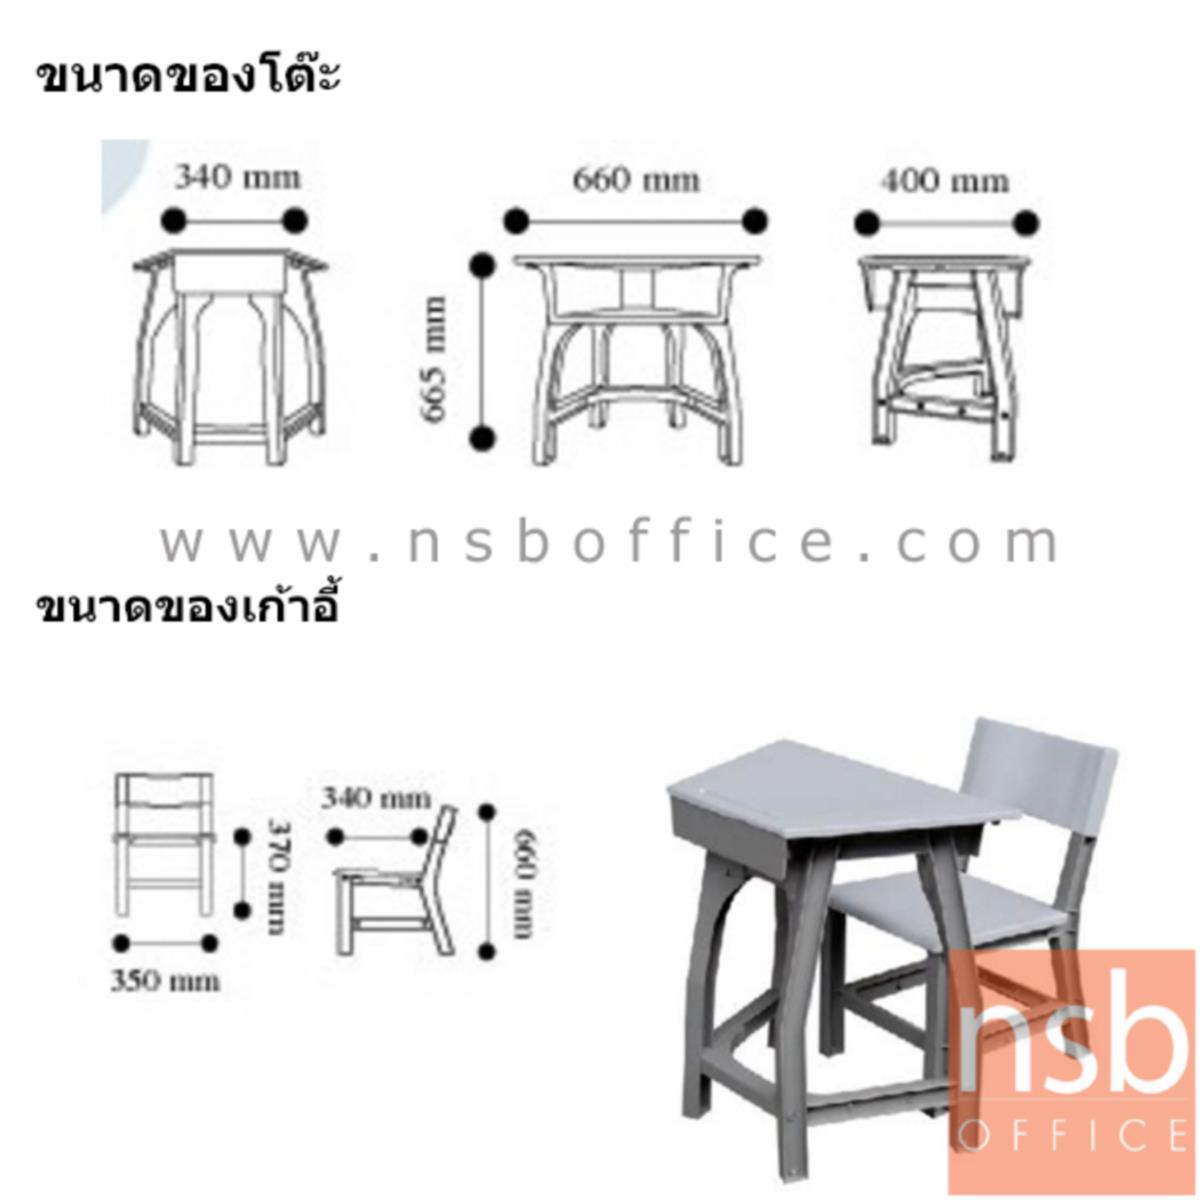 ชุดโต๊ะและเก้าอี้นักเรียน รุ่น Antique (แอนทีค)  ระดับชั้นอนุบาล ขาพลาสติก